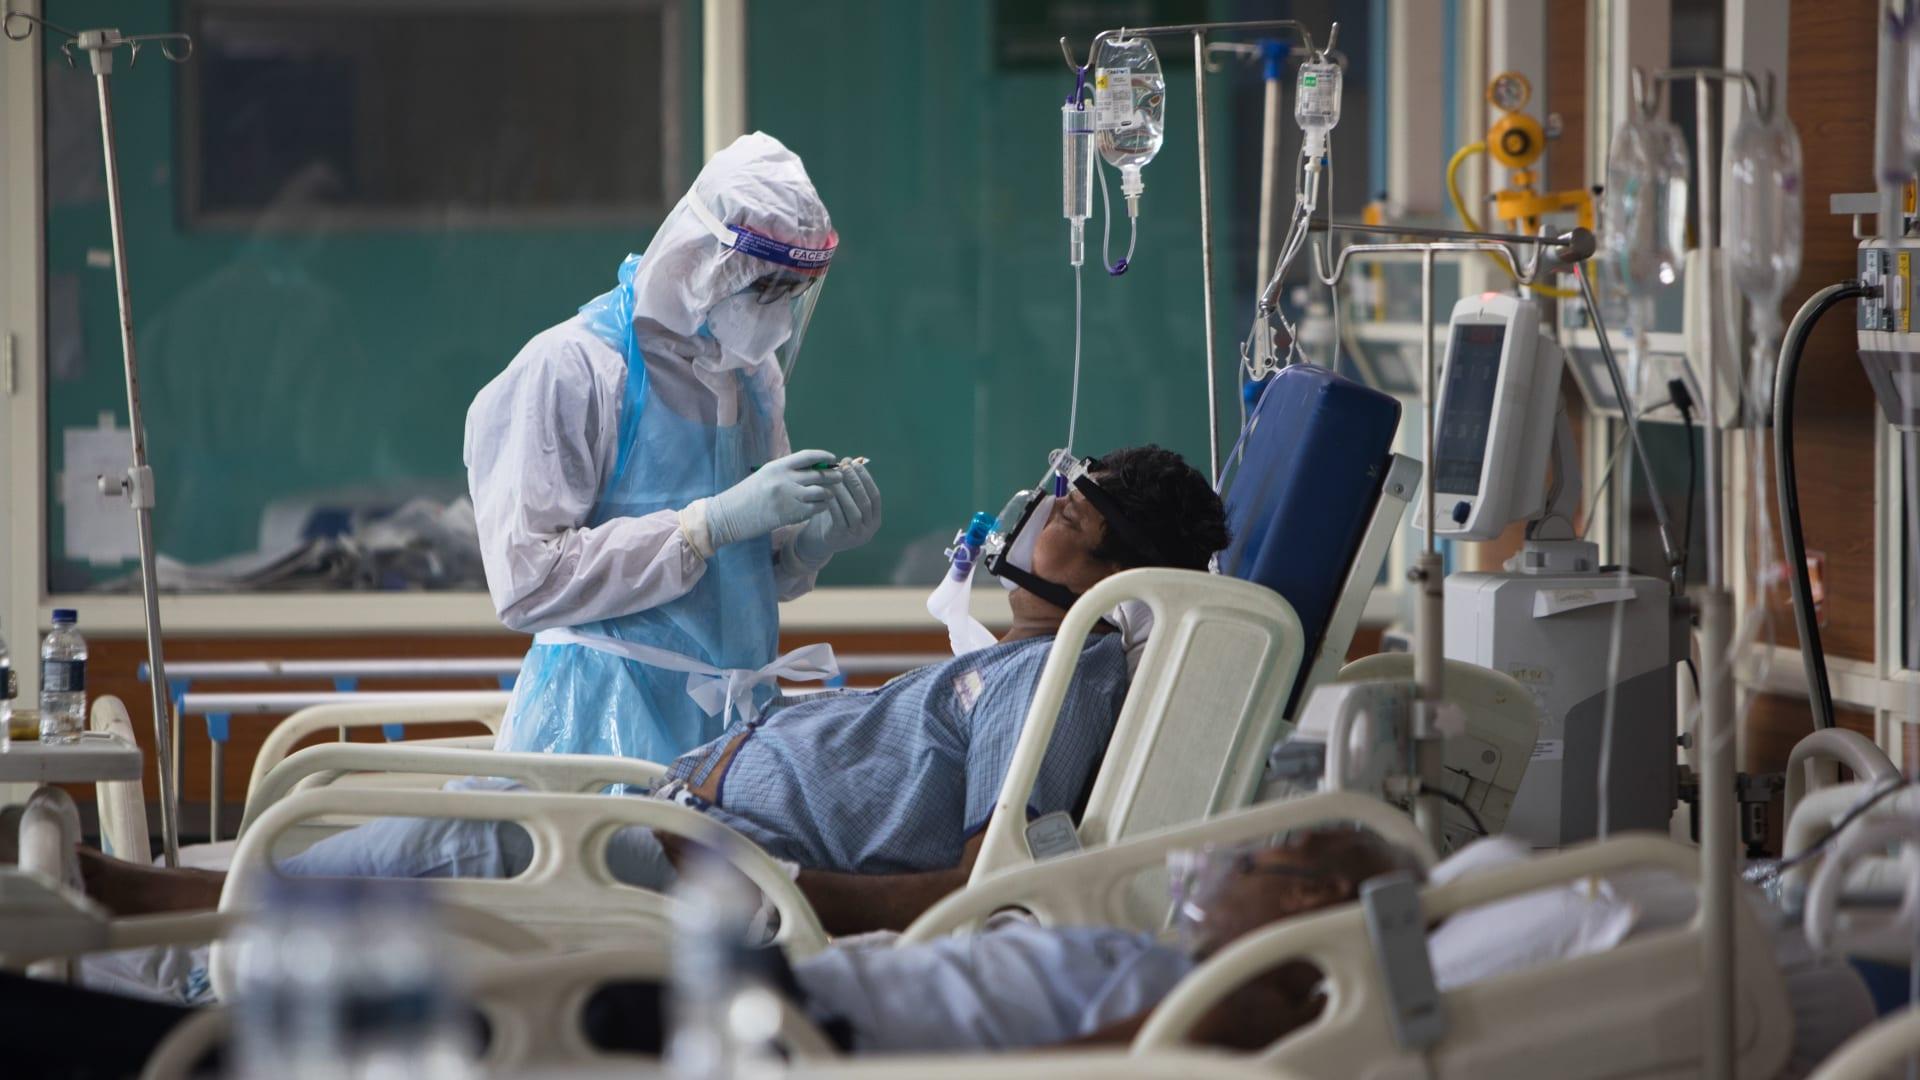 طبيبة تشبه الوضع في مدينة ميامي الأمريكية بما كانت عليه ووهان: بؤرة فيروس كورونا